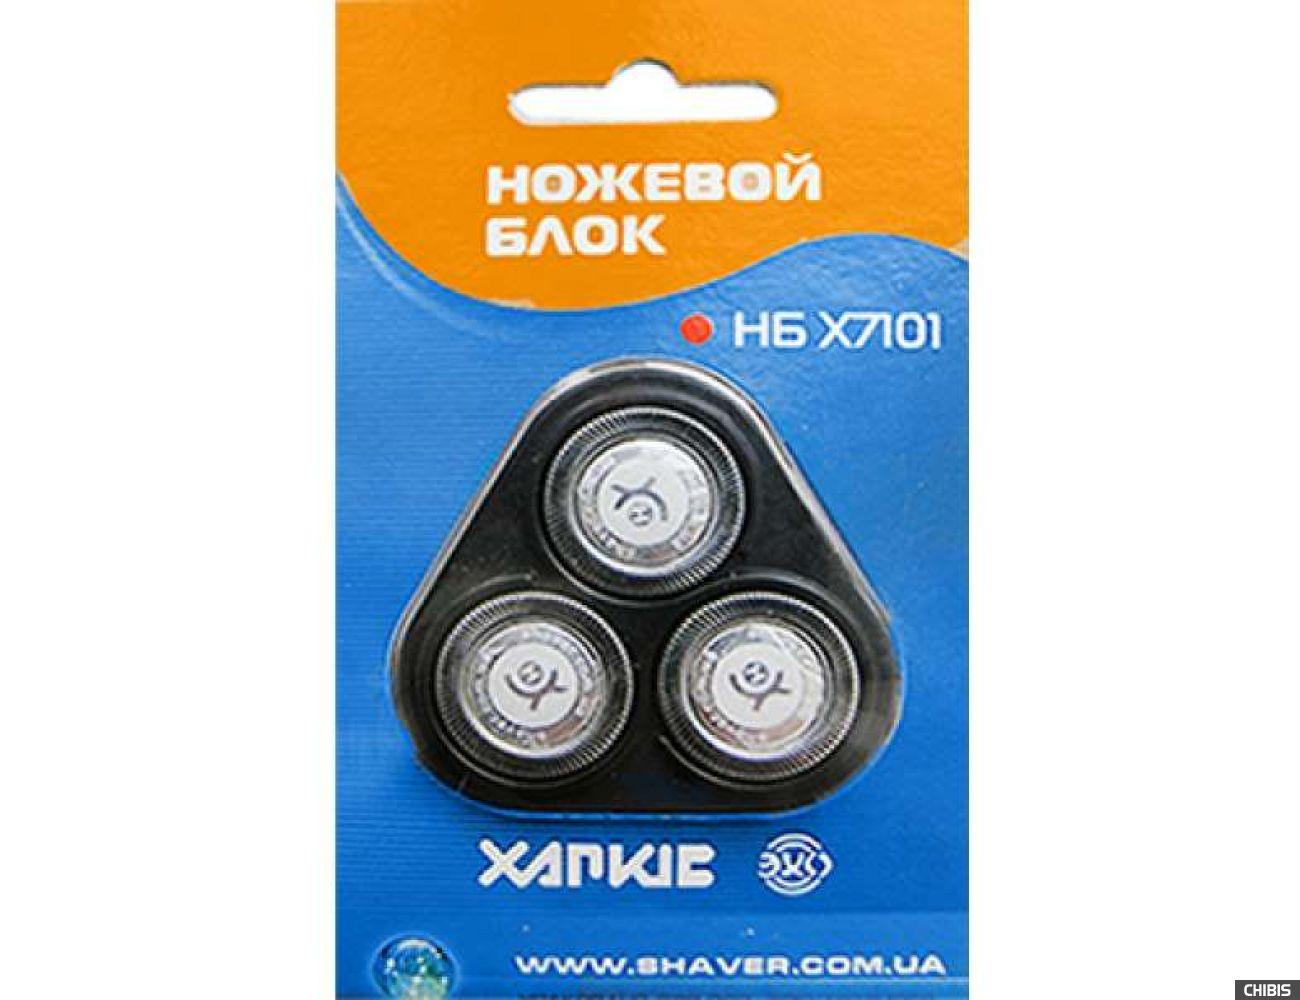 Ножевой блок с тремя сетками Х 7101 для бритв Харьков 7....